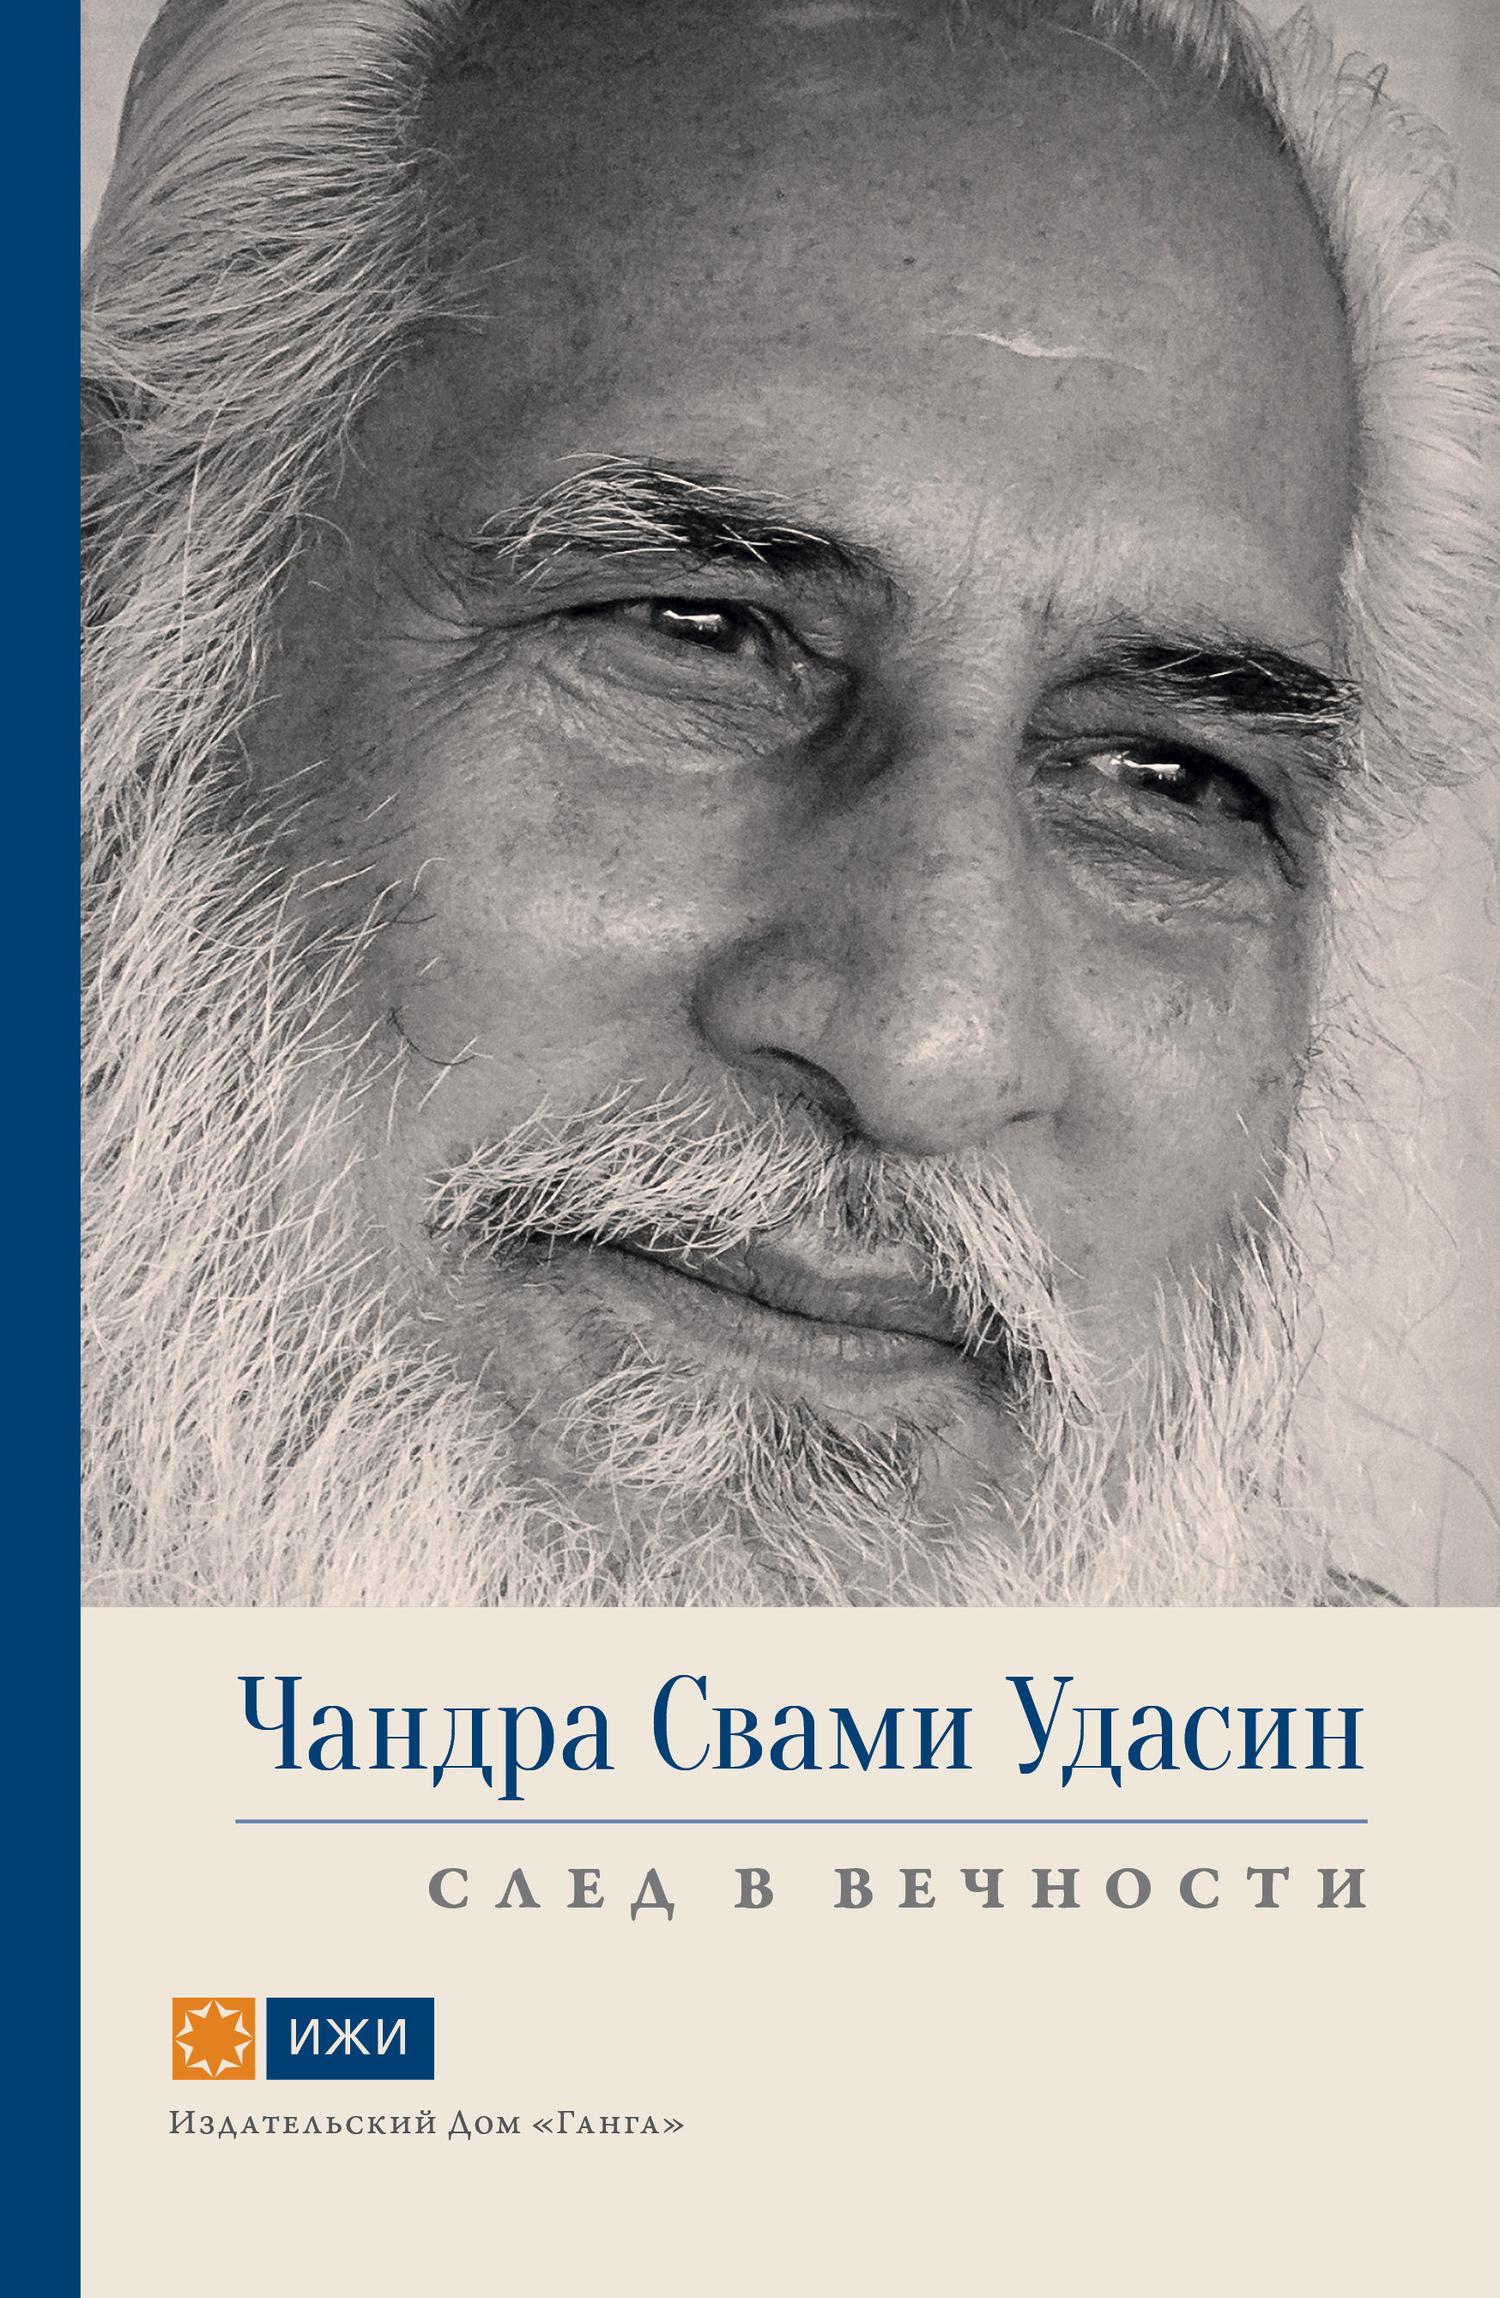 Свами Прем Вивекананда - Чандра Свами Удасин. След в вечности